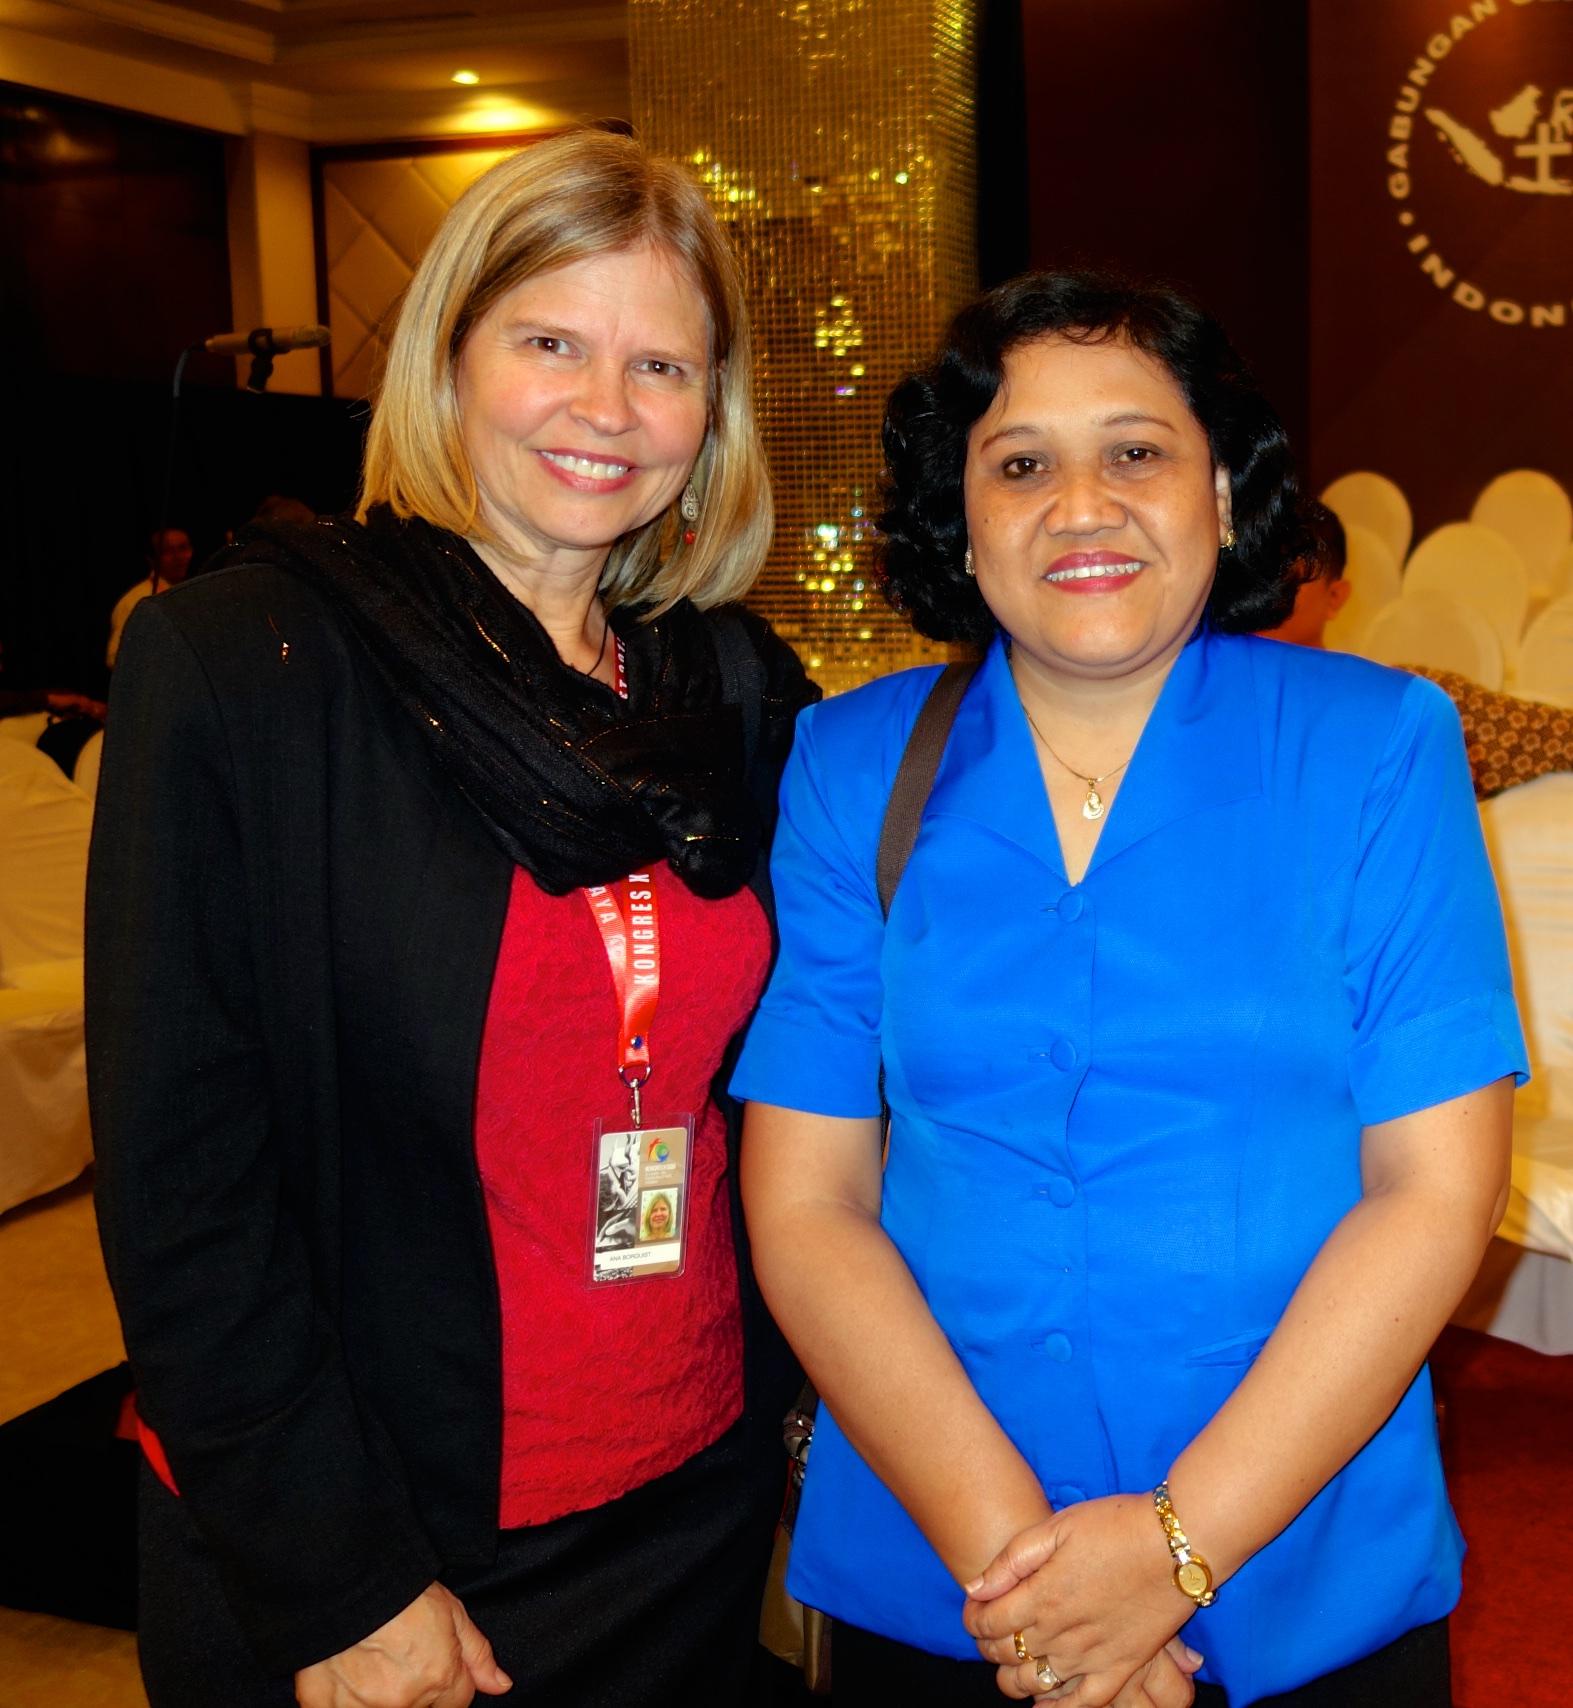 2015-03-10-Surabaya-UIBC-congress-Ann-RIna-2525.jpg